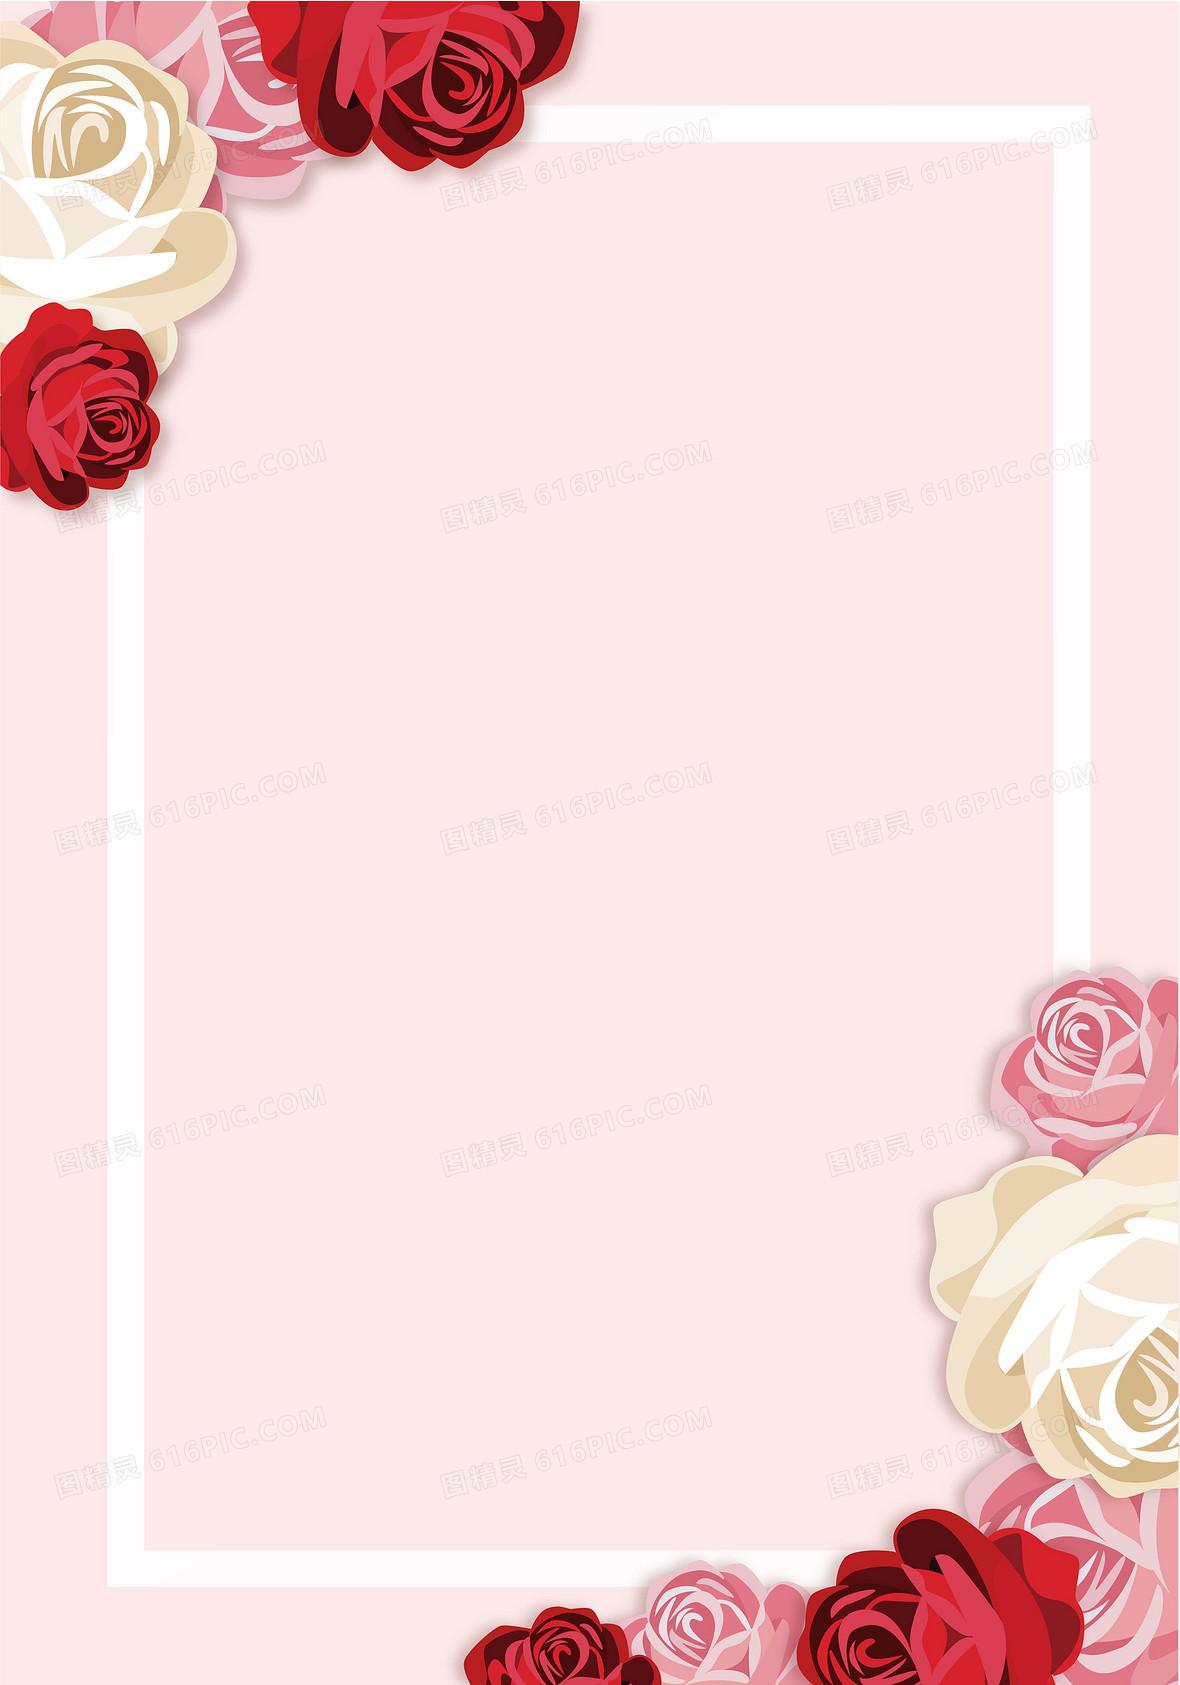 粉色手绘玫瑰矢量图banner素材背景图片下载_1921x899